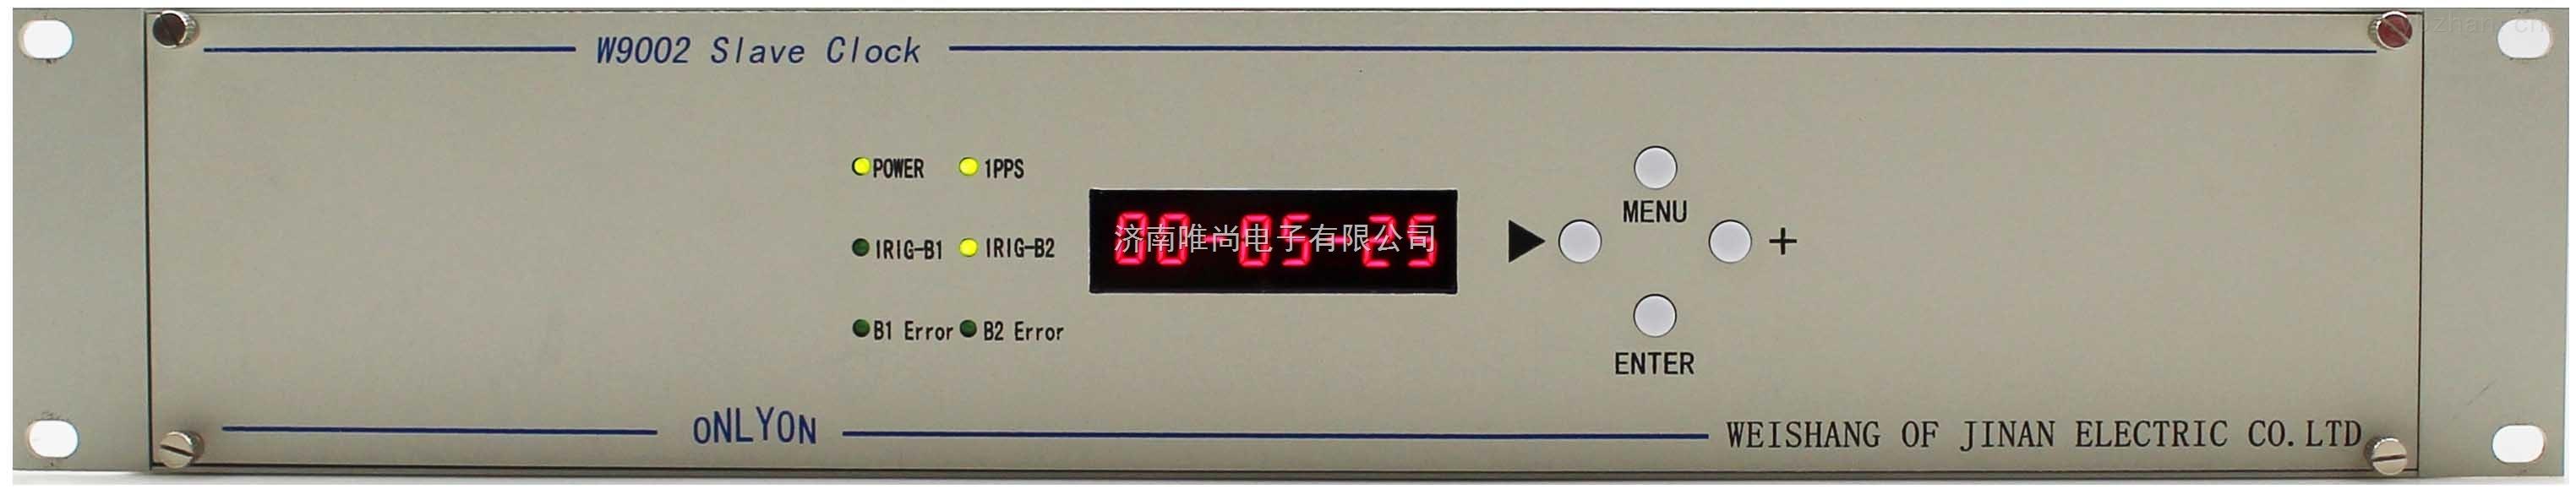 时间同步服务器,品质保障!